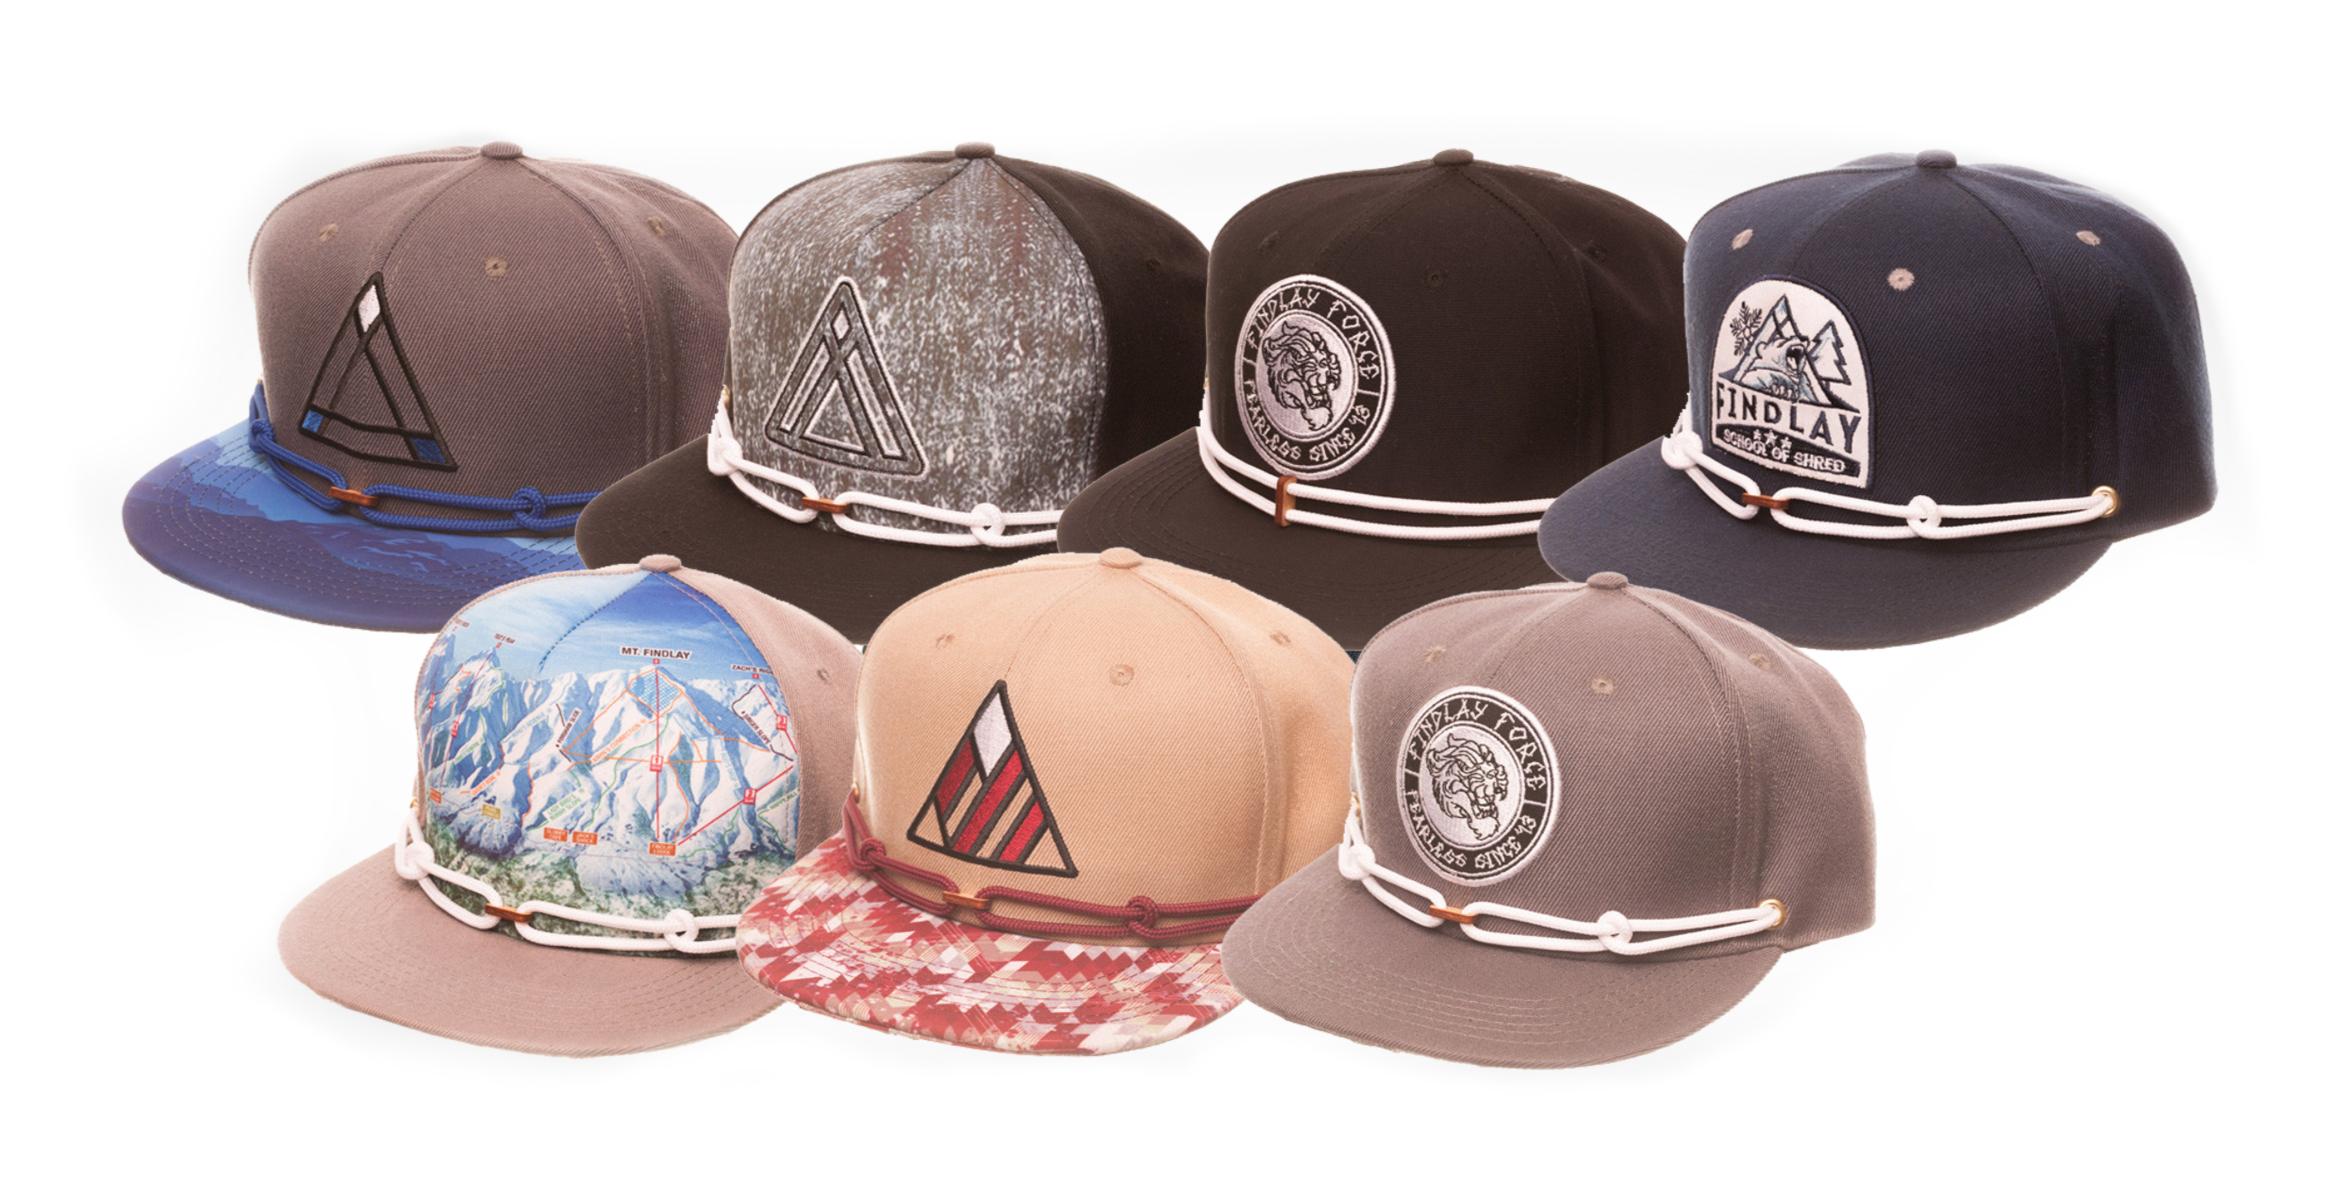 findlay+hats+portland.jpg